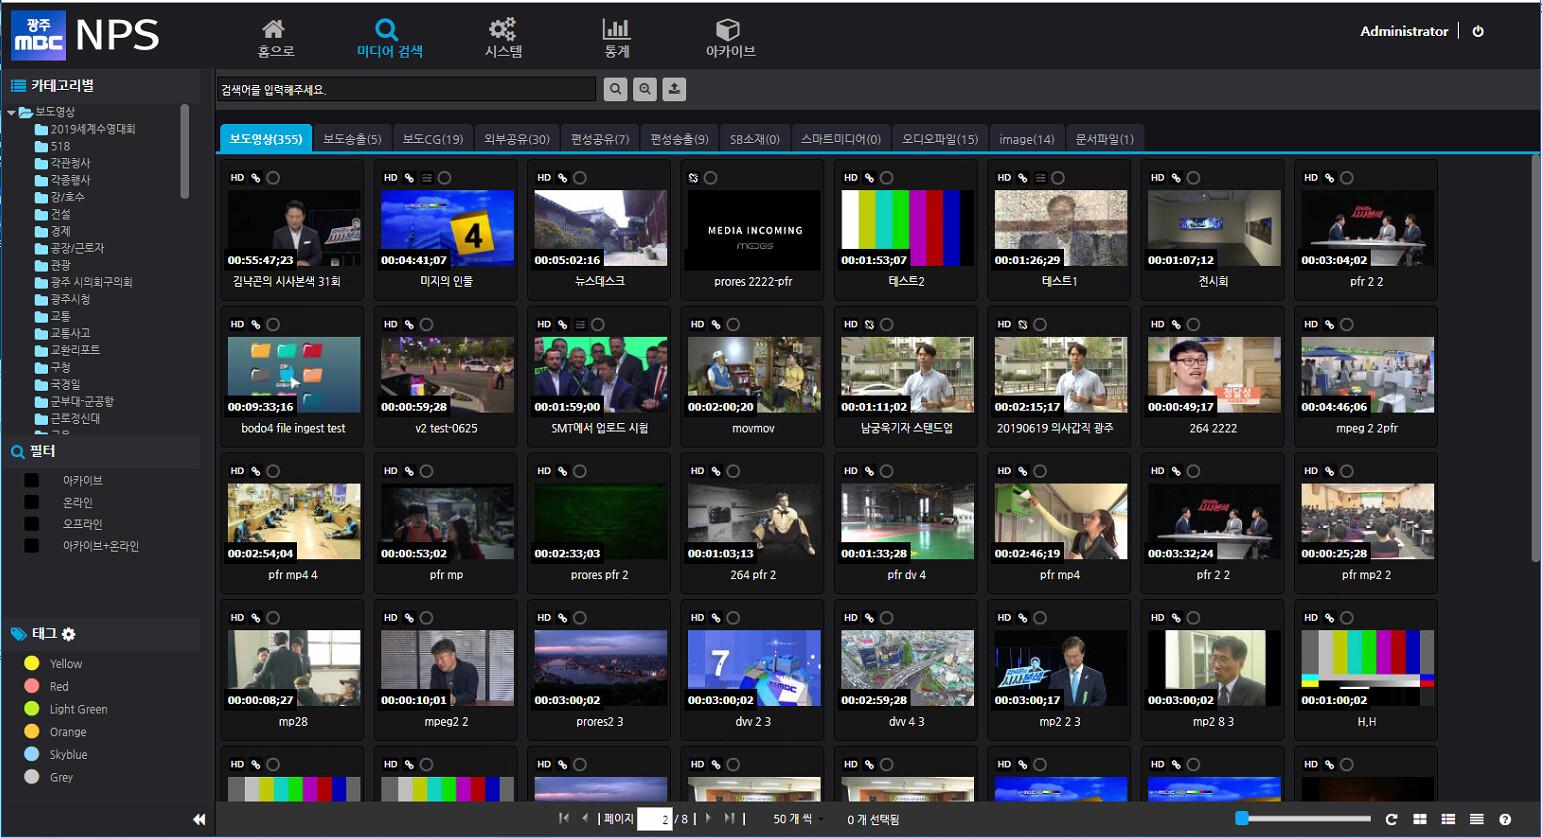 광주MBC NPS의 검색 화면, 이미지제공=제머나이소프트